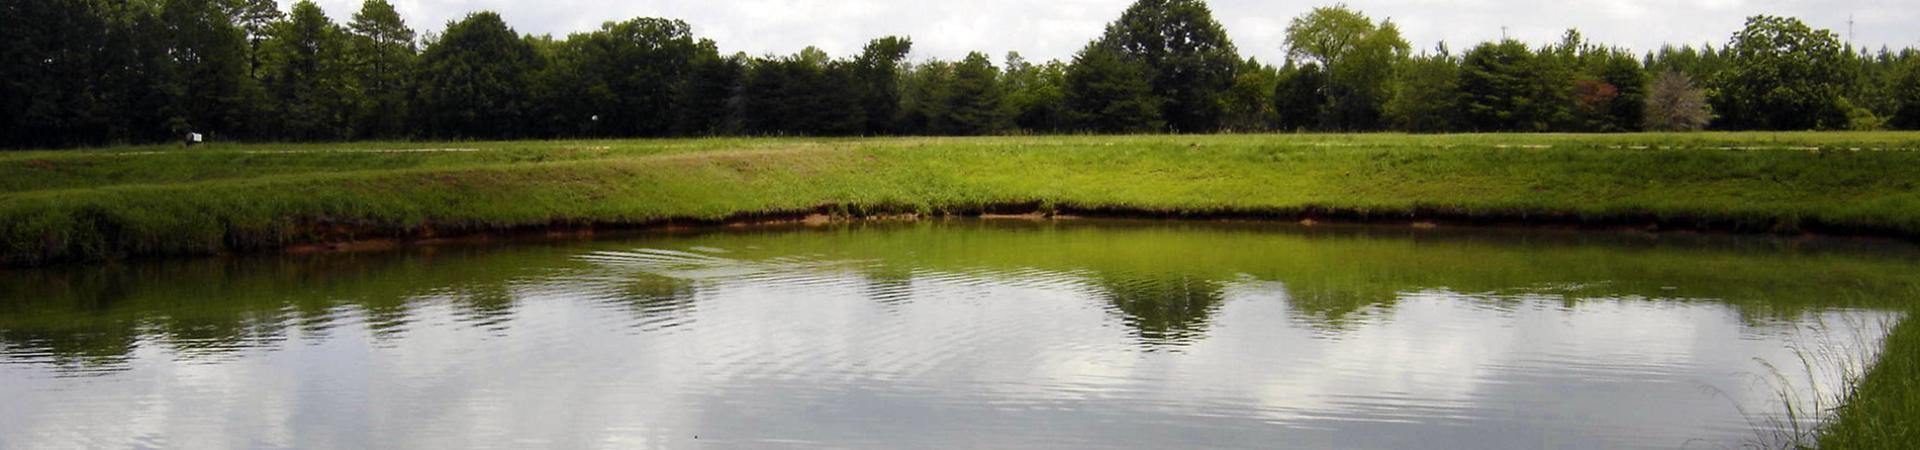 Dawson Fishing Pond